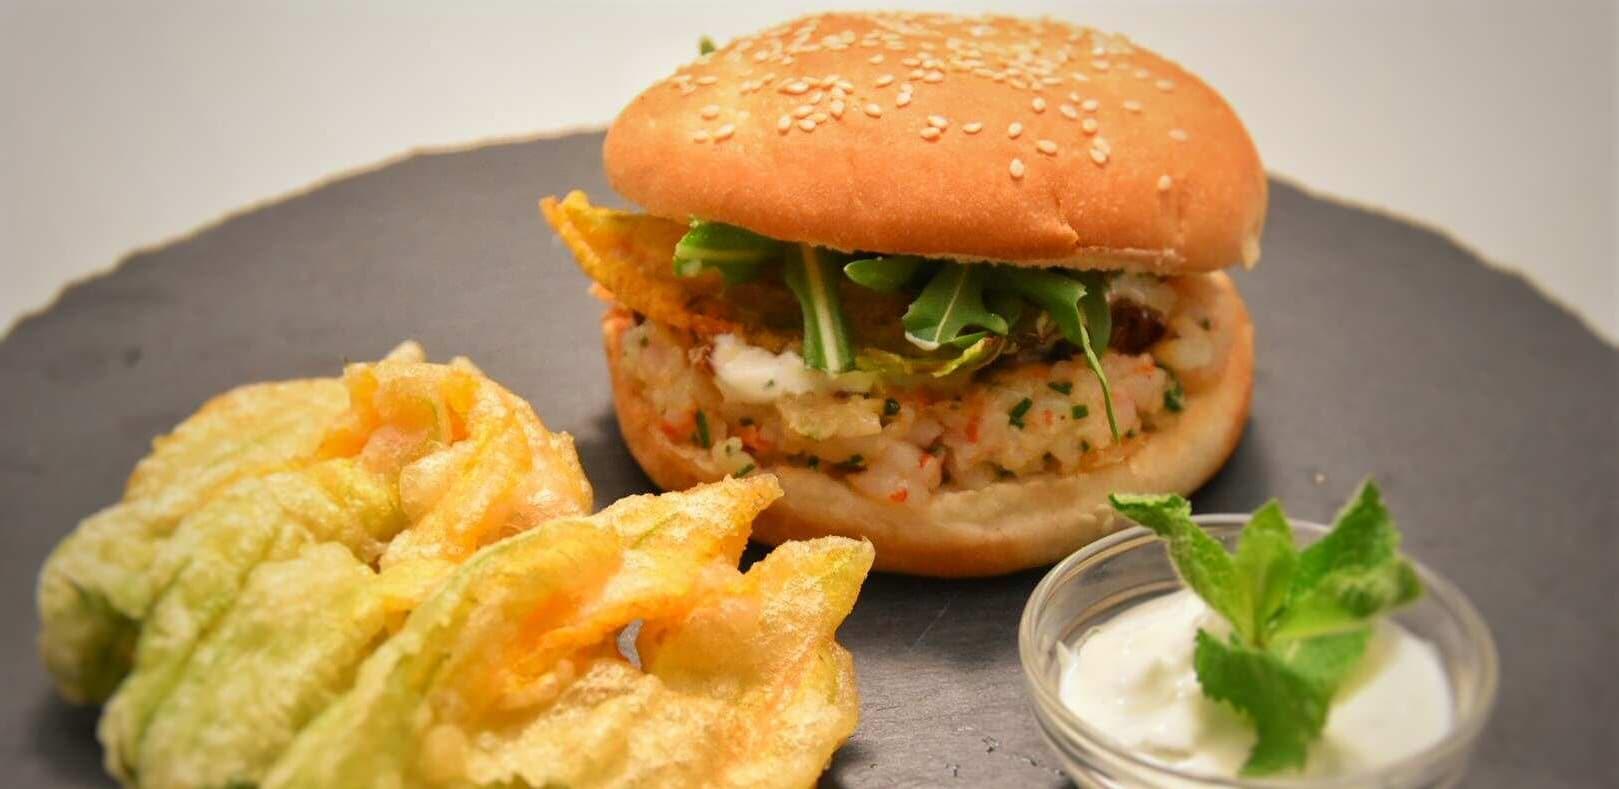 Hamburger di gamberi, cipollotto caramellato, fiori di zucchina croccanti e rucola